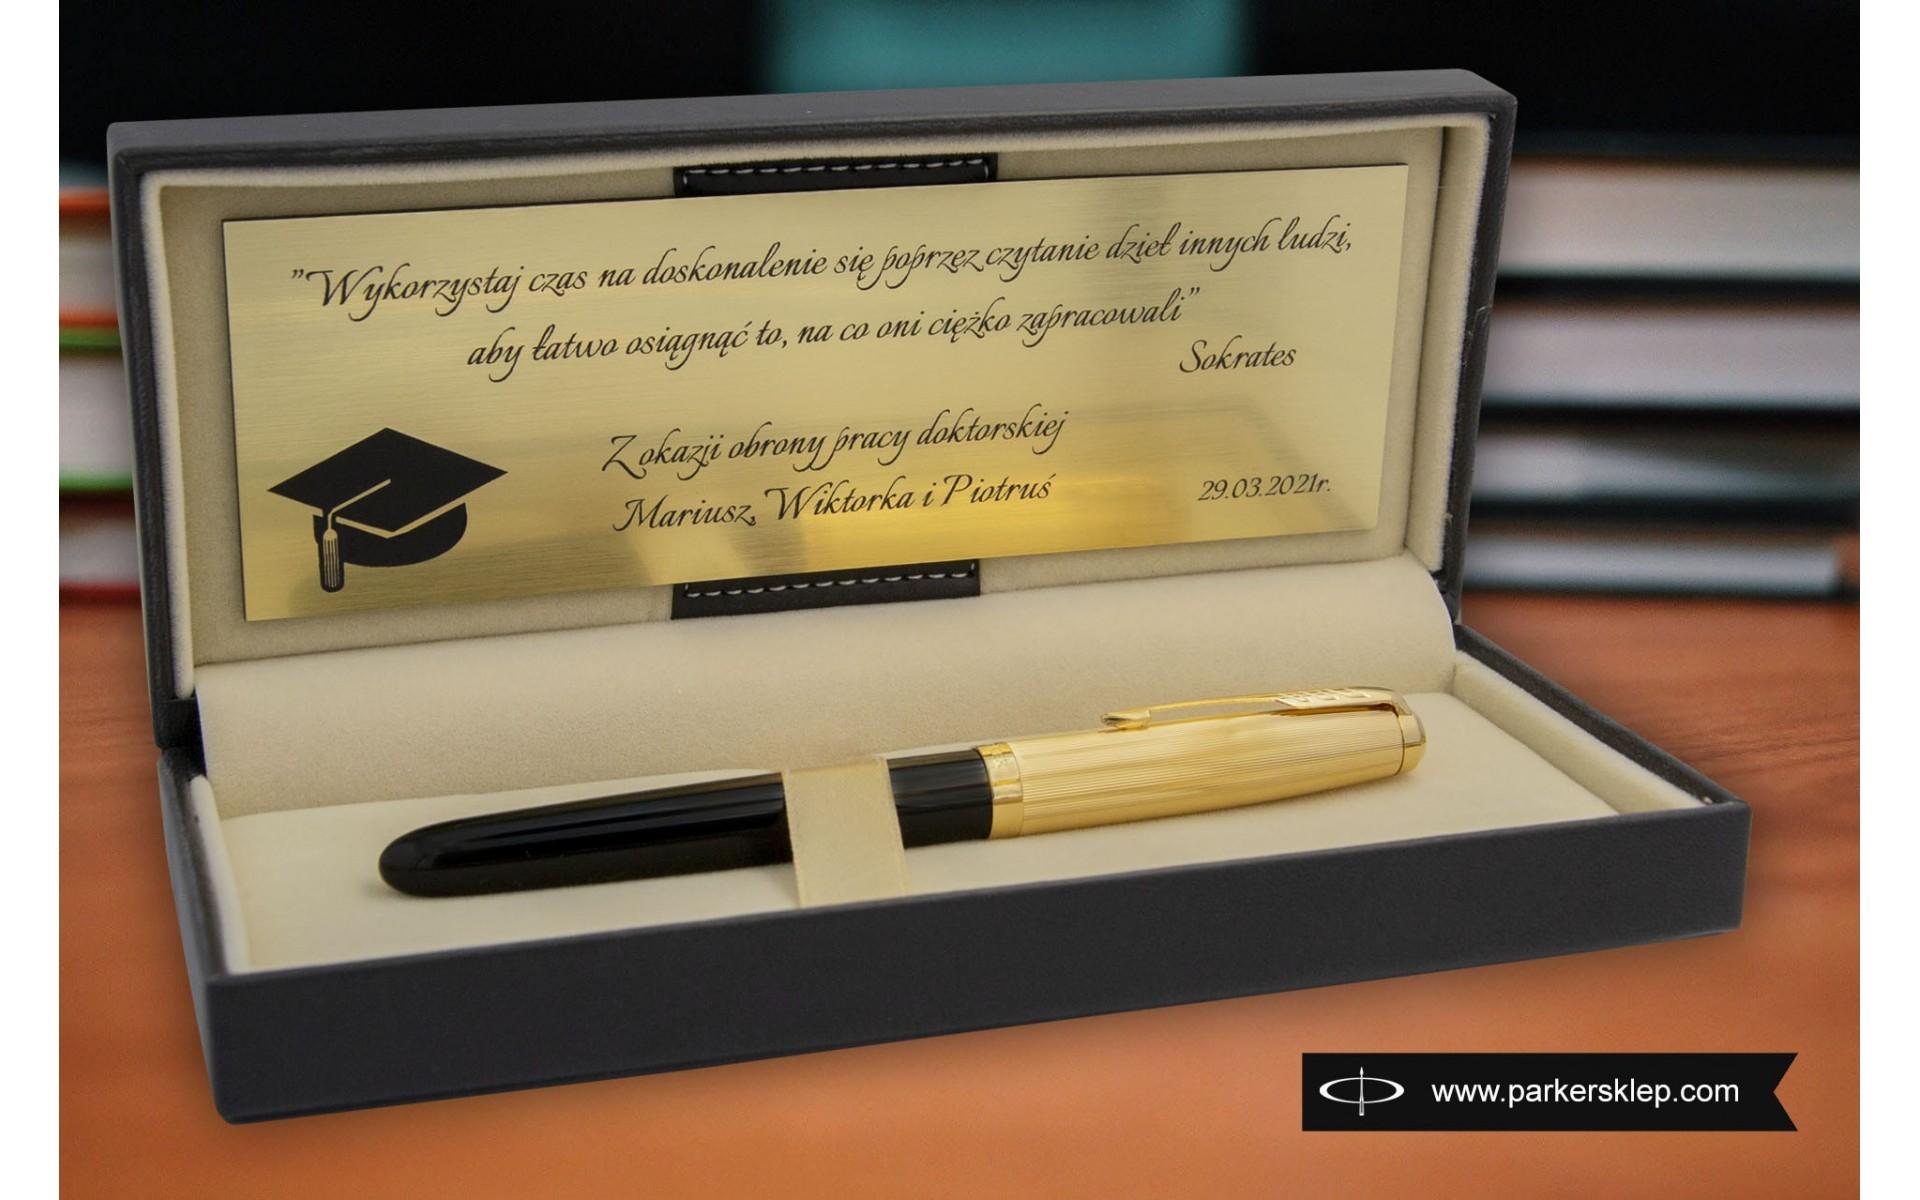 Pióro wieczne Parker 51 Premium czarne GT [2123511] w pudełku ze złotą tabliczką